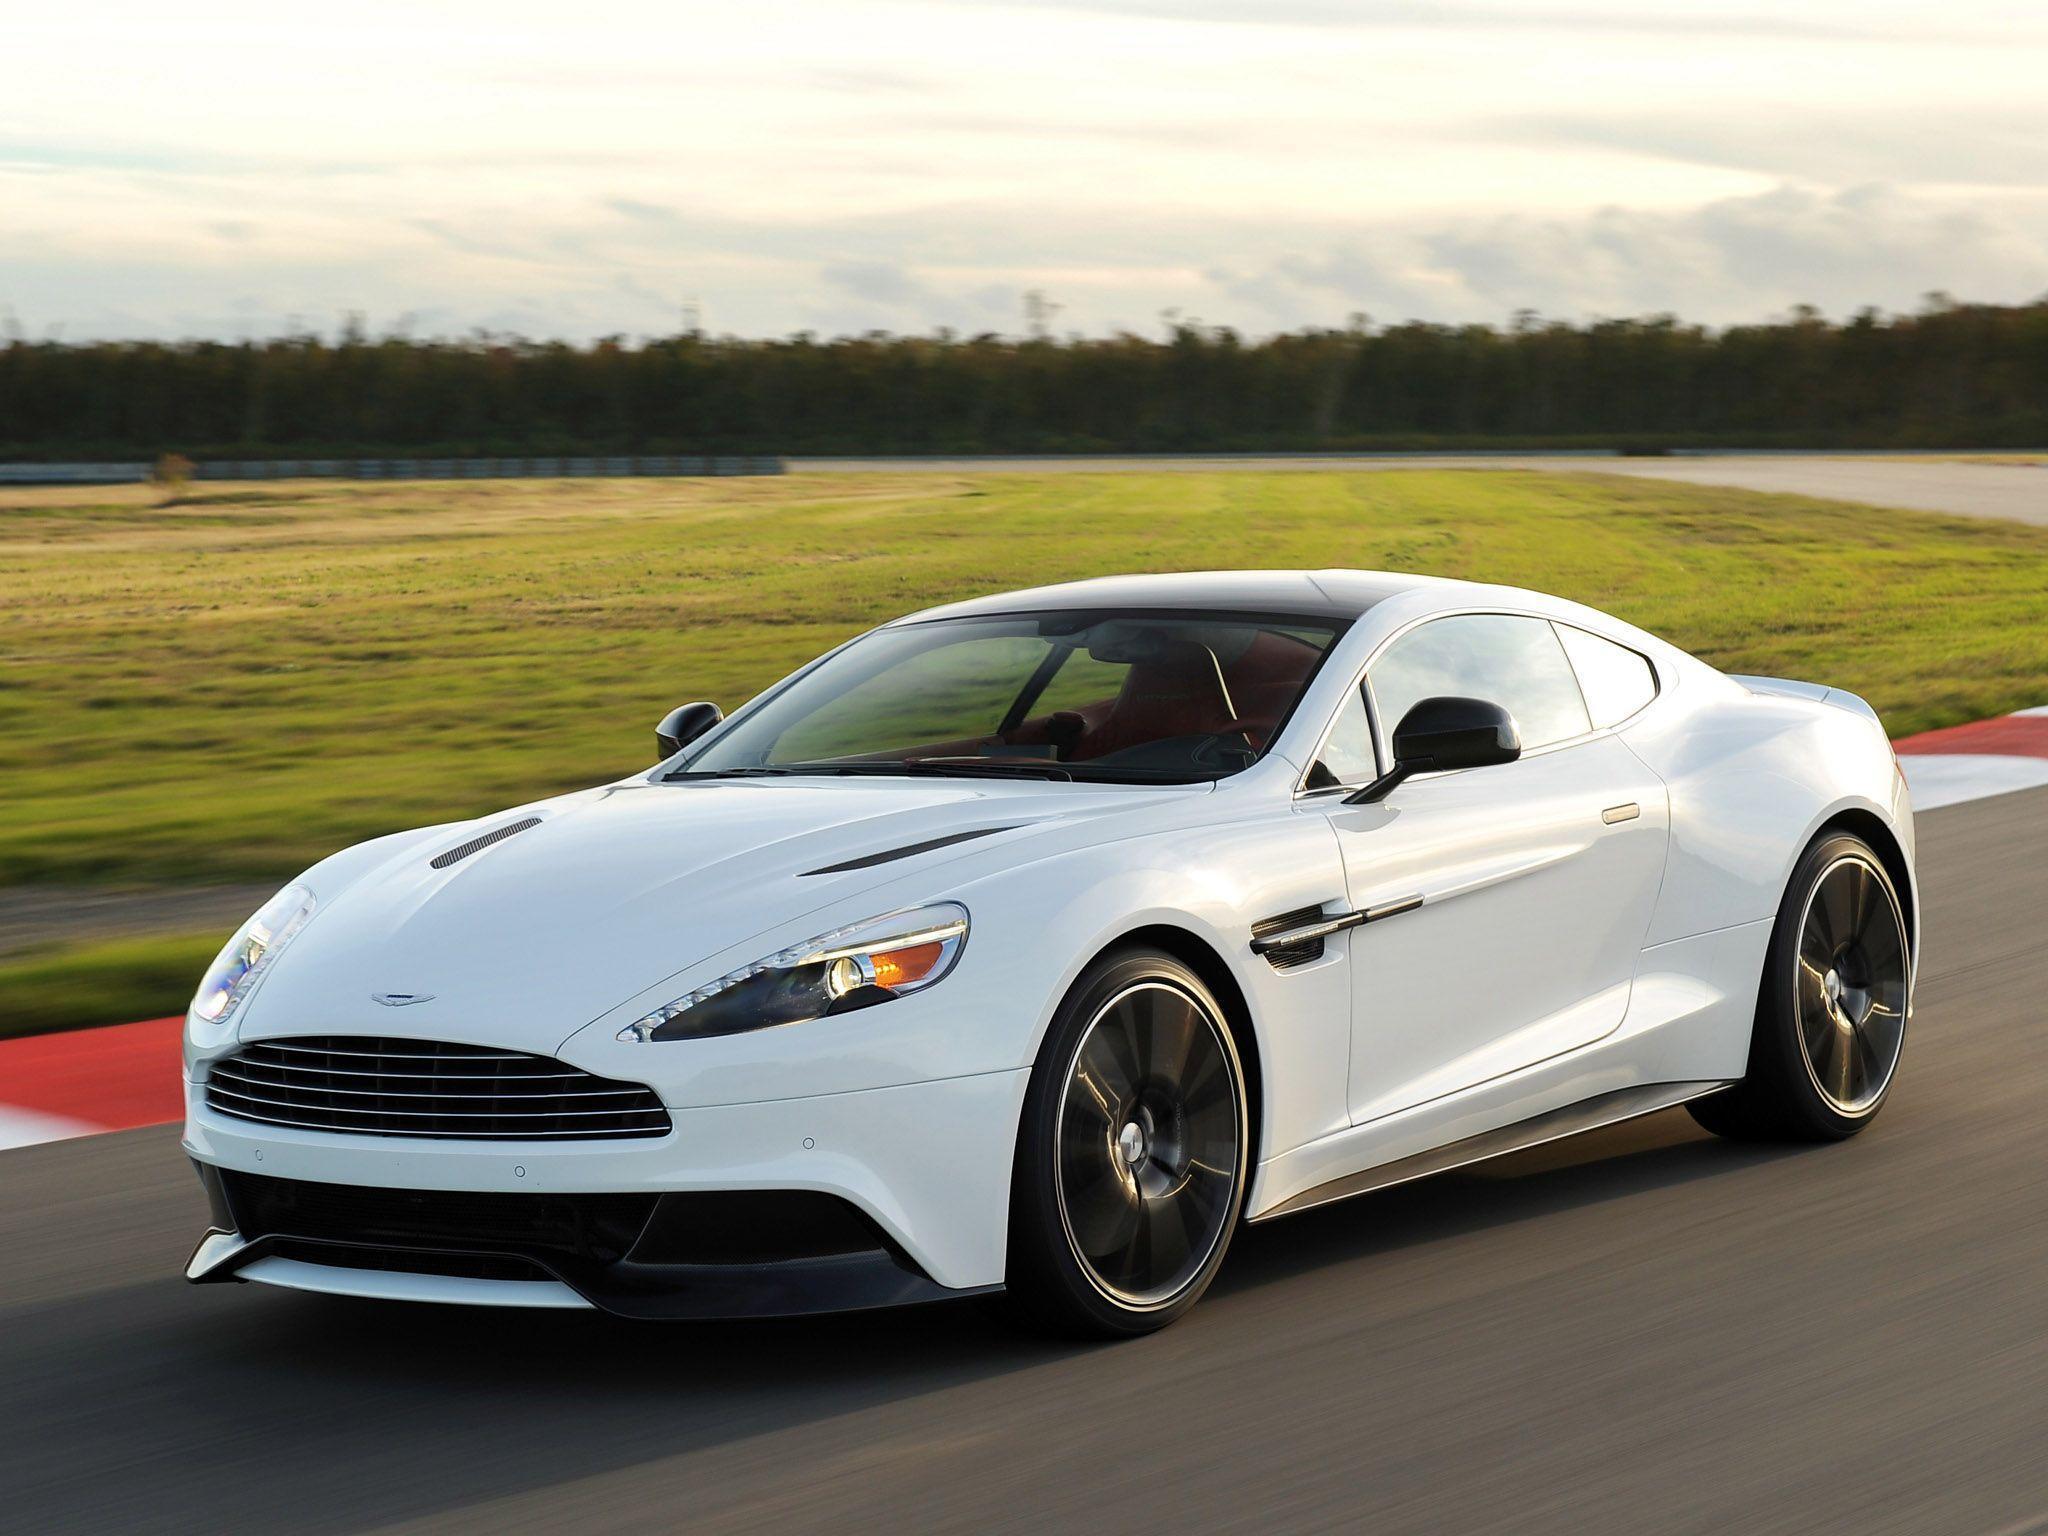 Aston Martin Sports Car 2014